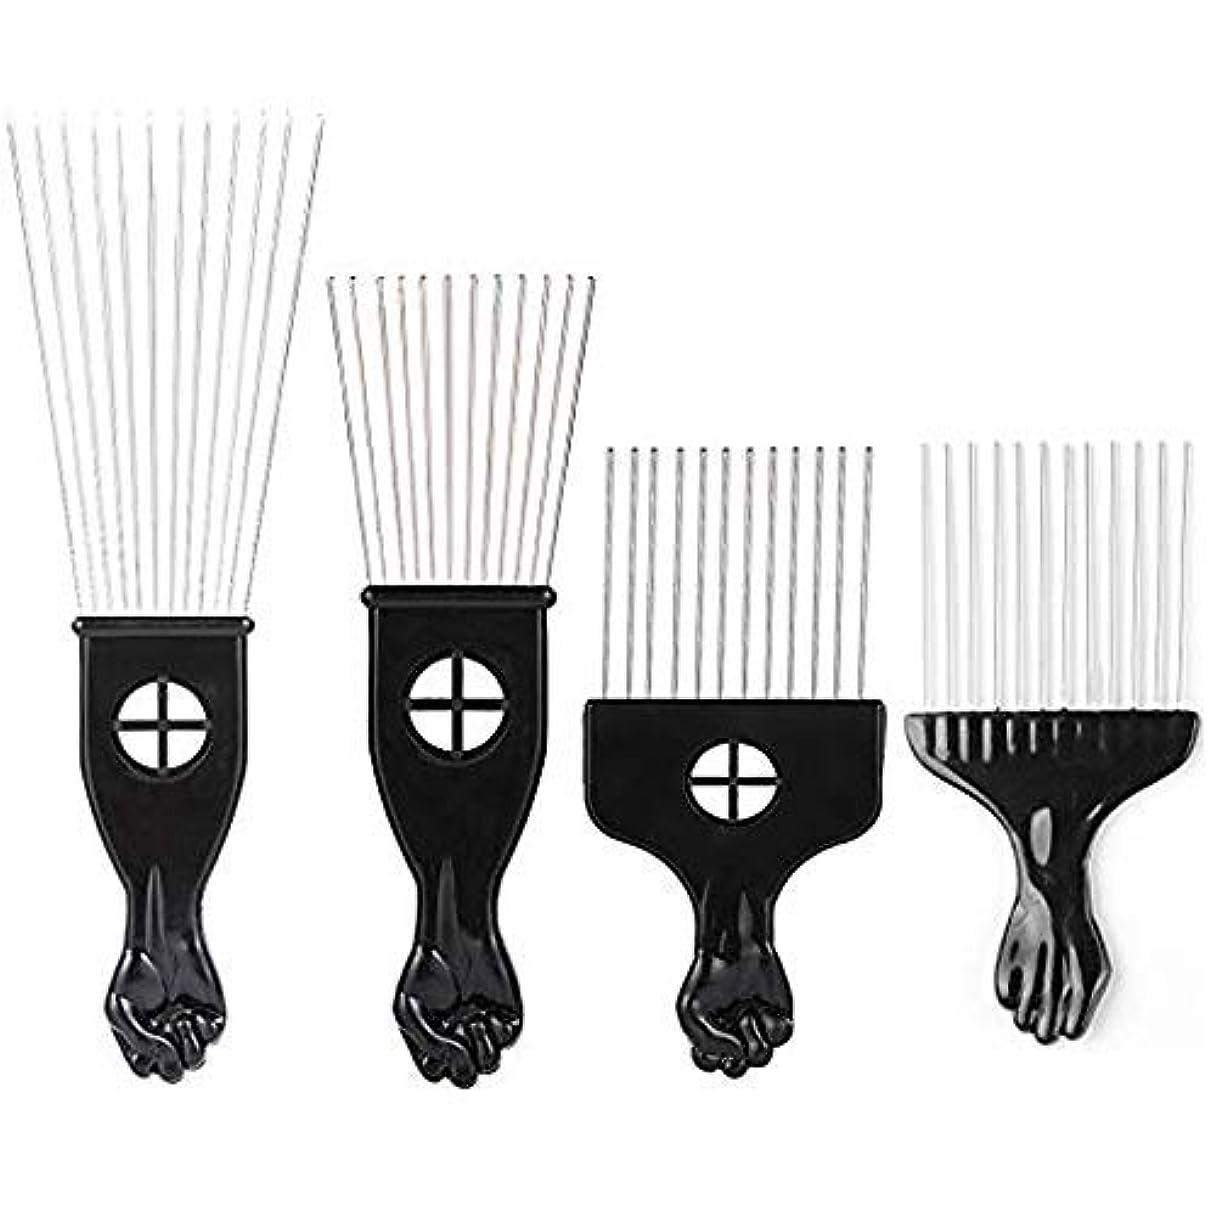 画像スティックメールBorogo Afro Combs, 4-Pack Afro Pick w/Black Fist - Metal African American Pick Comb Straight Hair Brush Hairdressing...